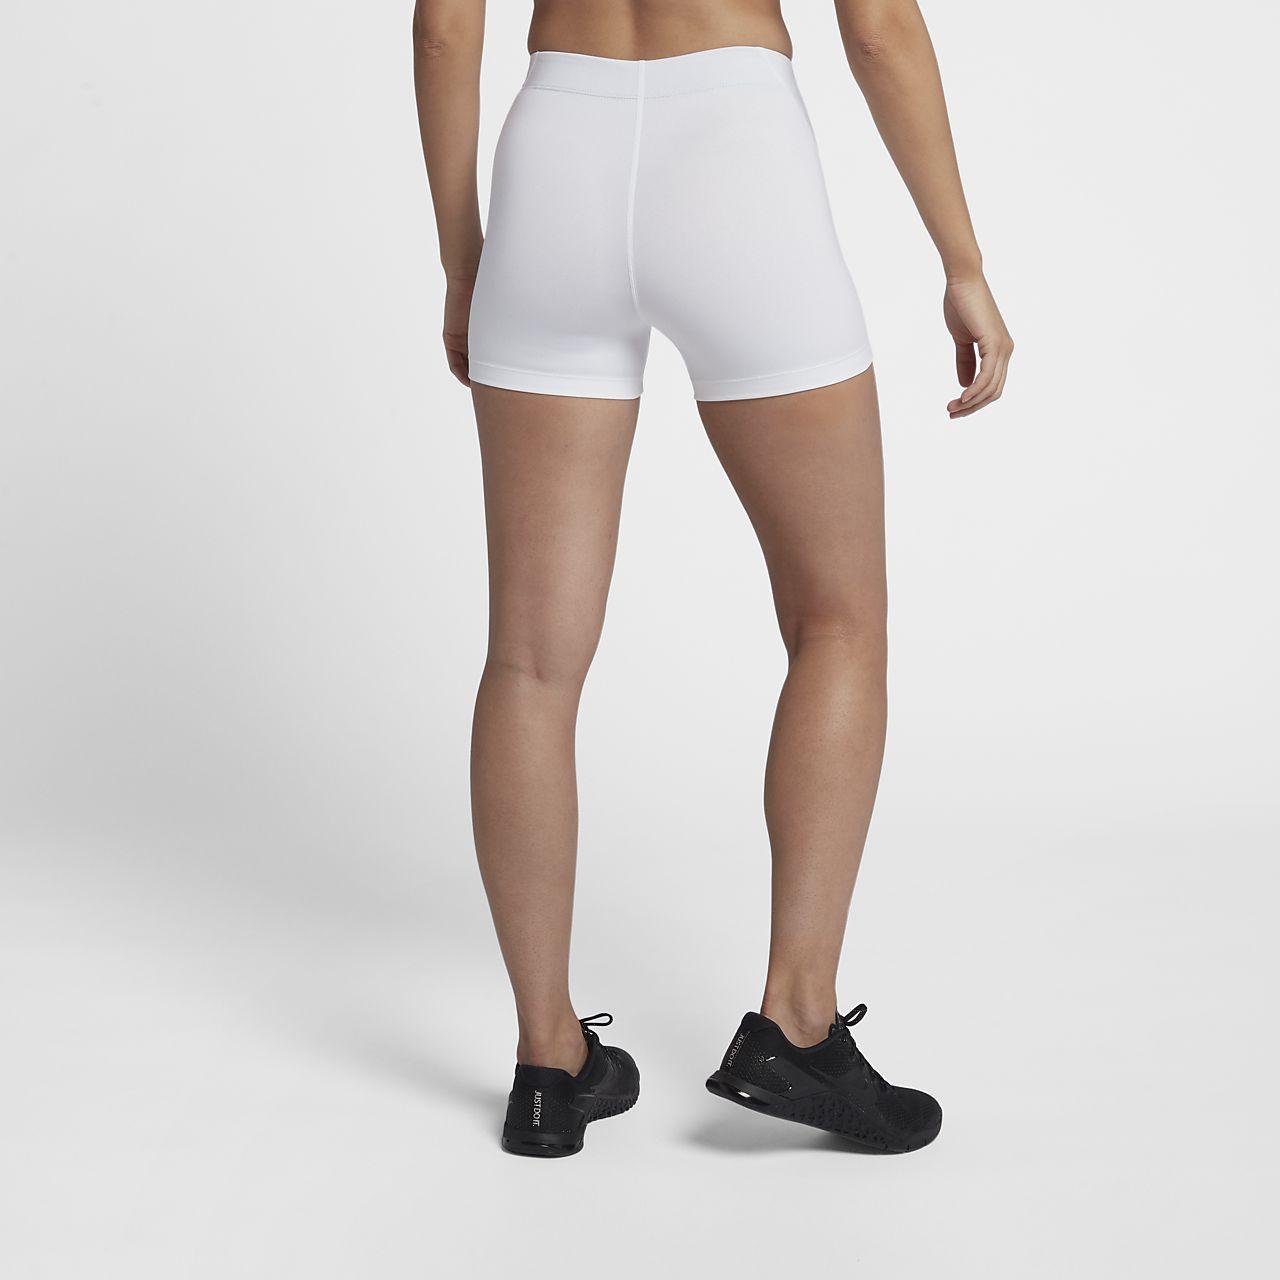 c5224344759 Nike Pro Women s 3